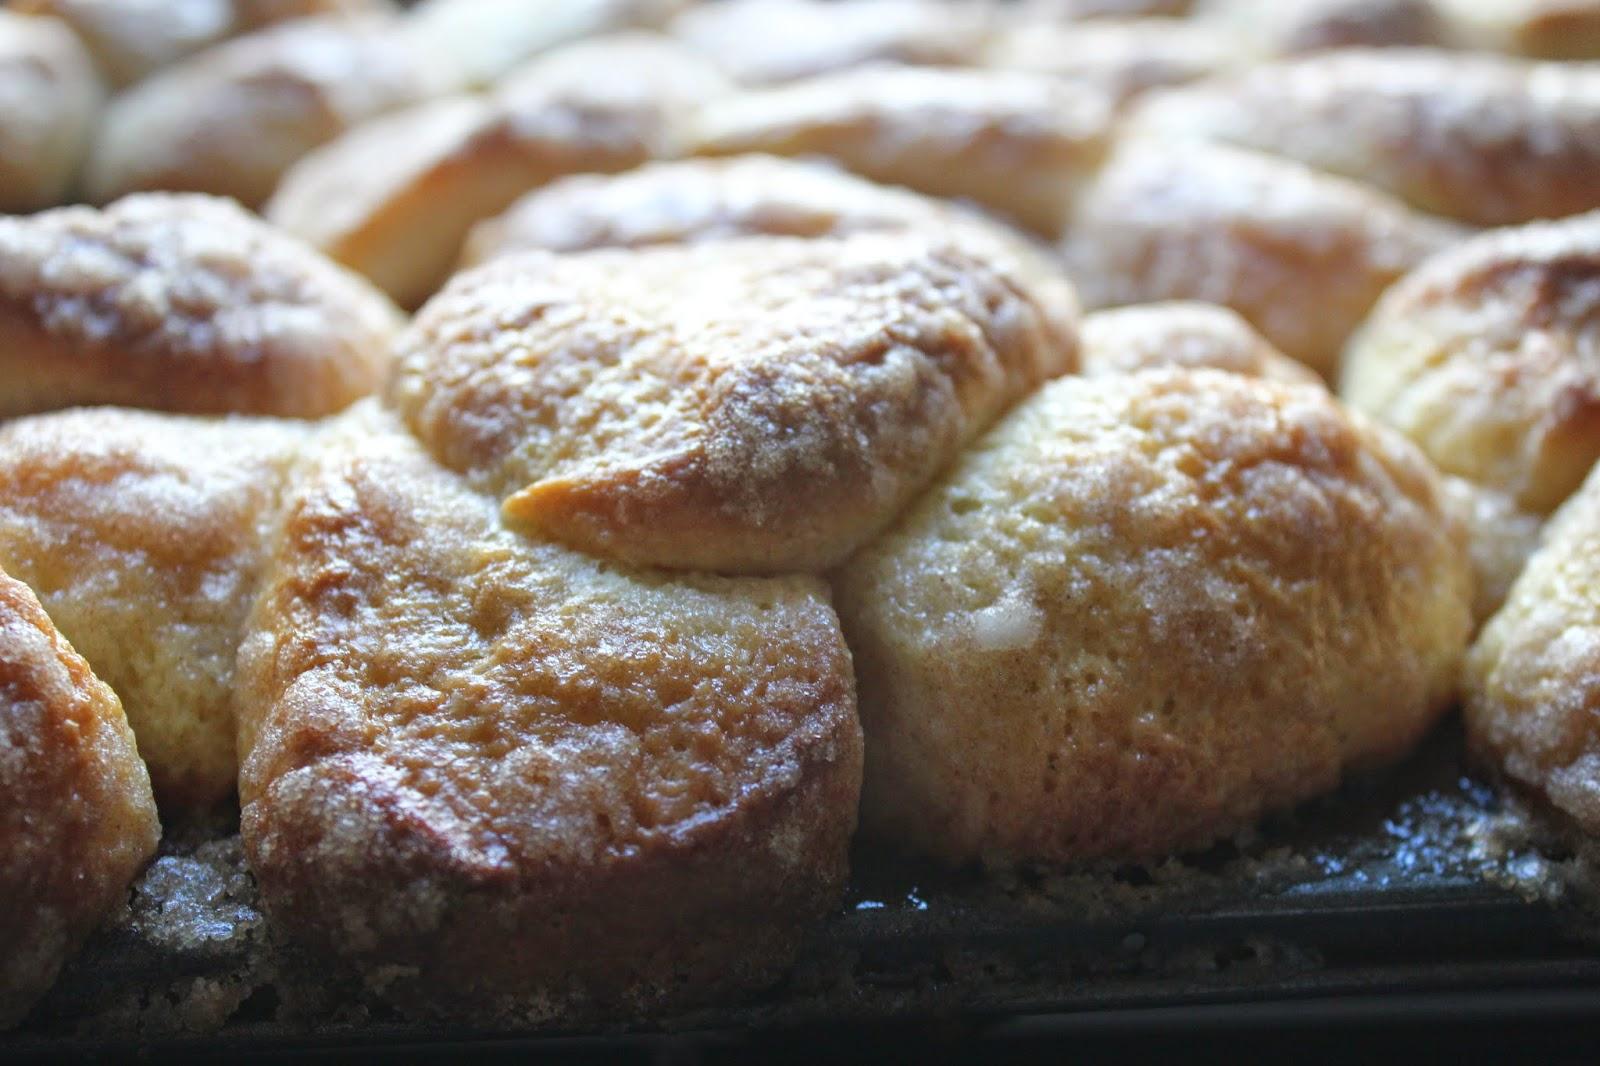 Cinnamon-sugar brioche buns